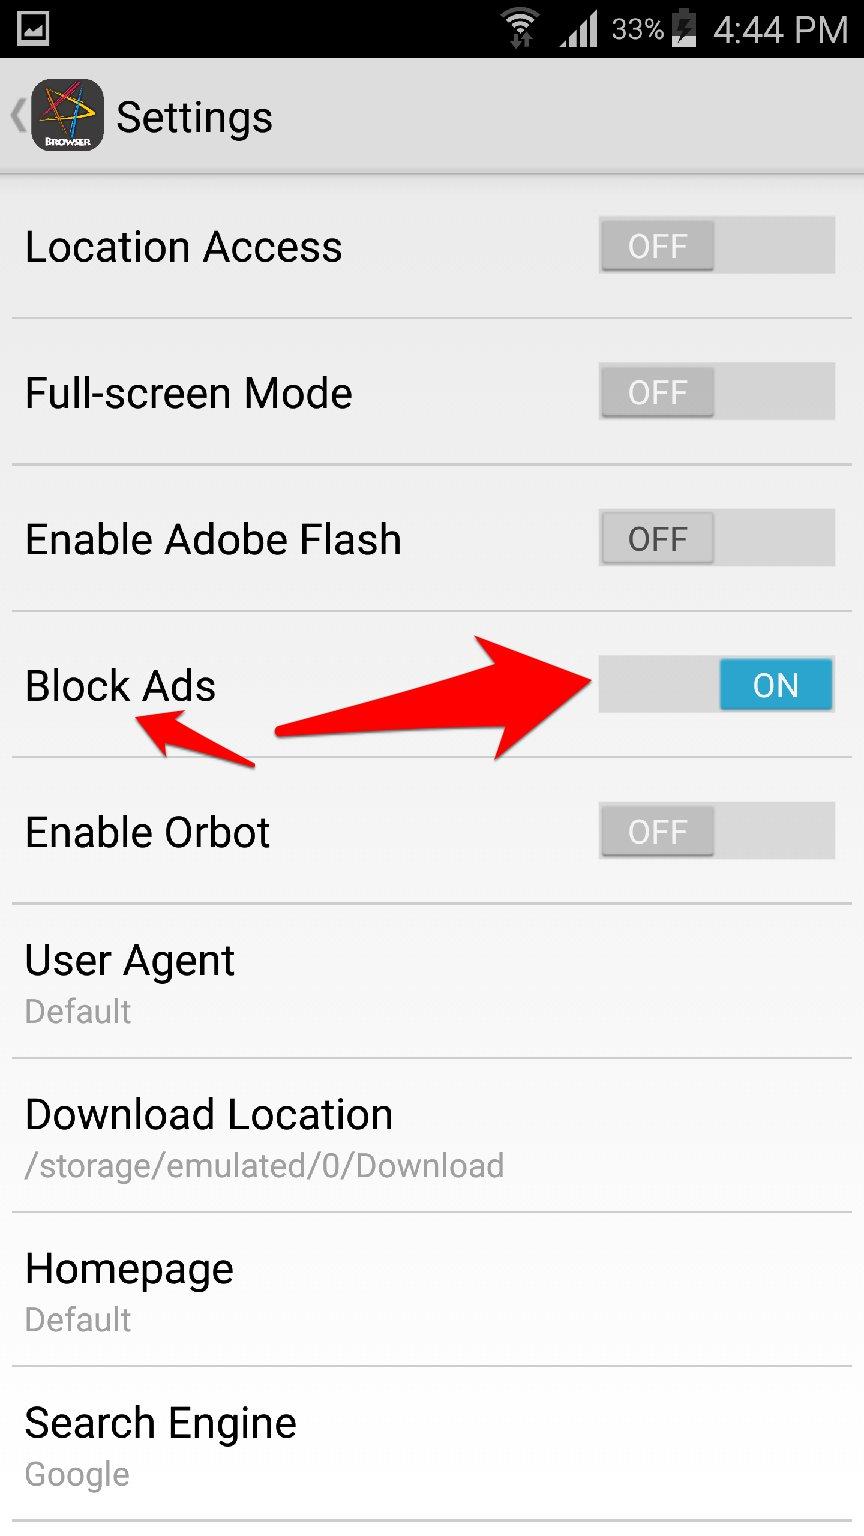 متصفح الانترنت AC Browser سريع خفيف ويحجب الاعلانات | بحرية درويد